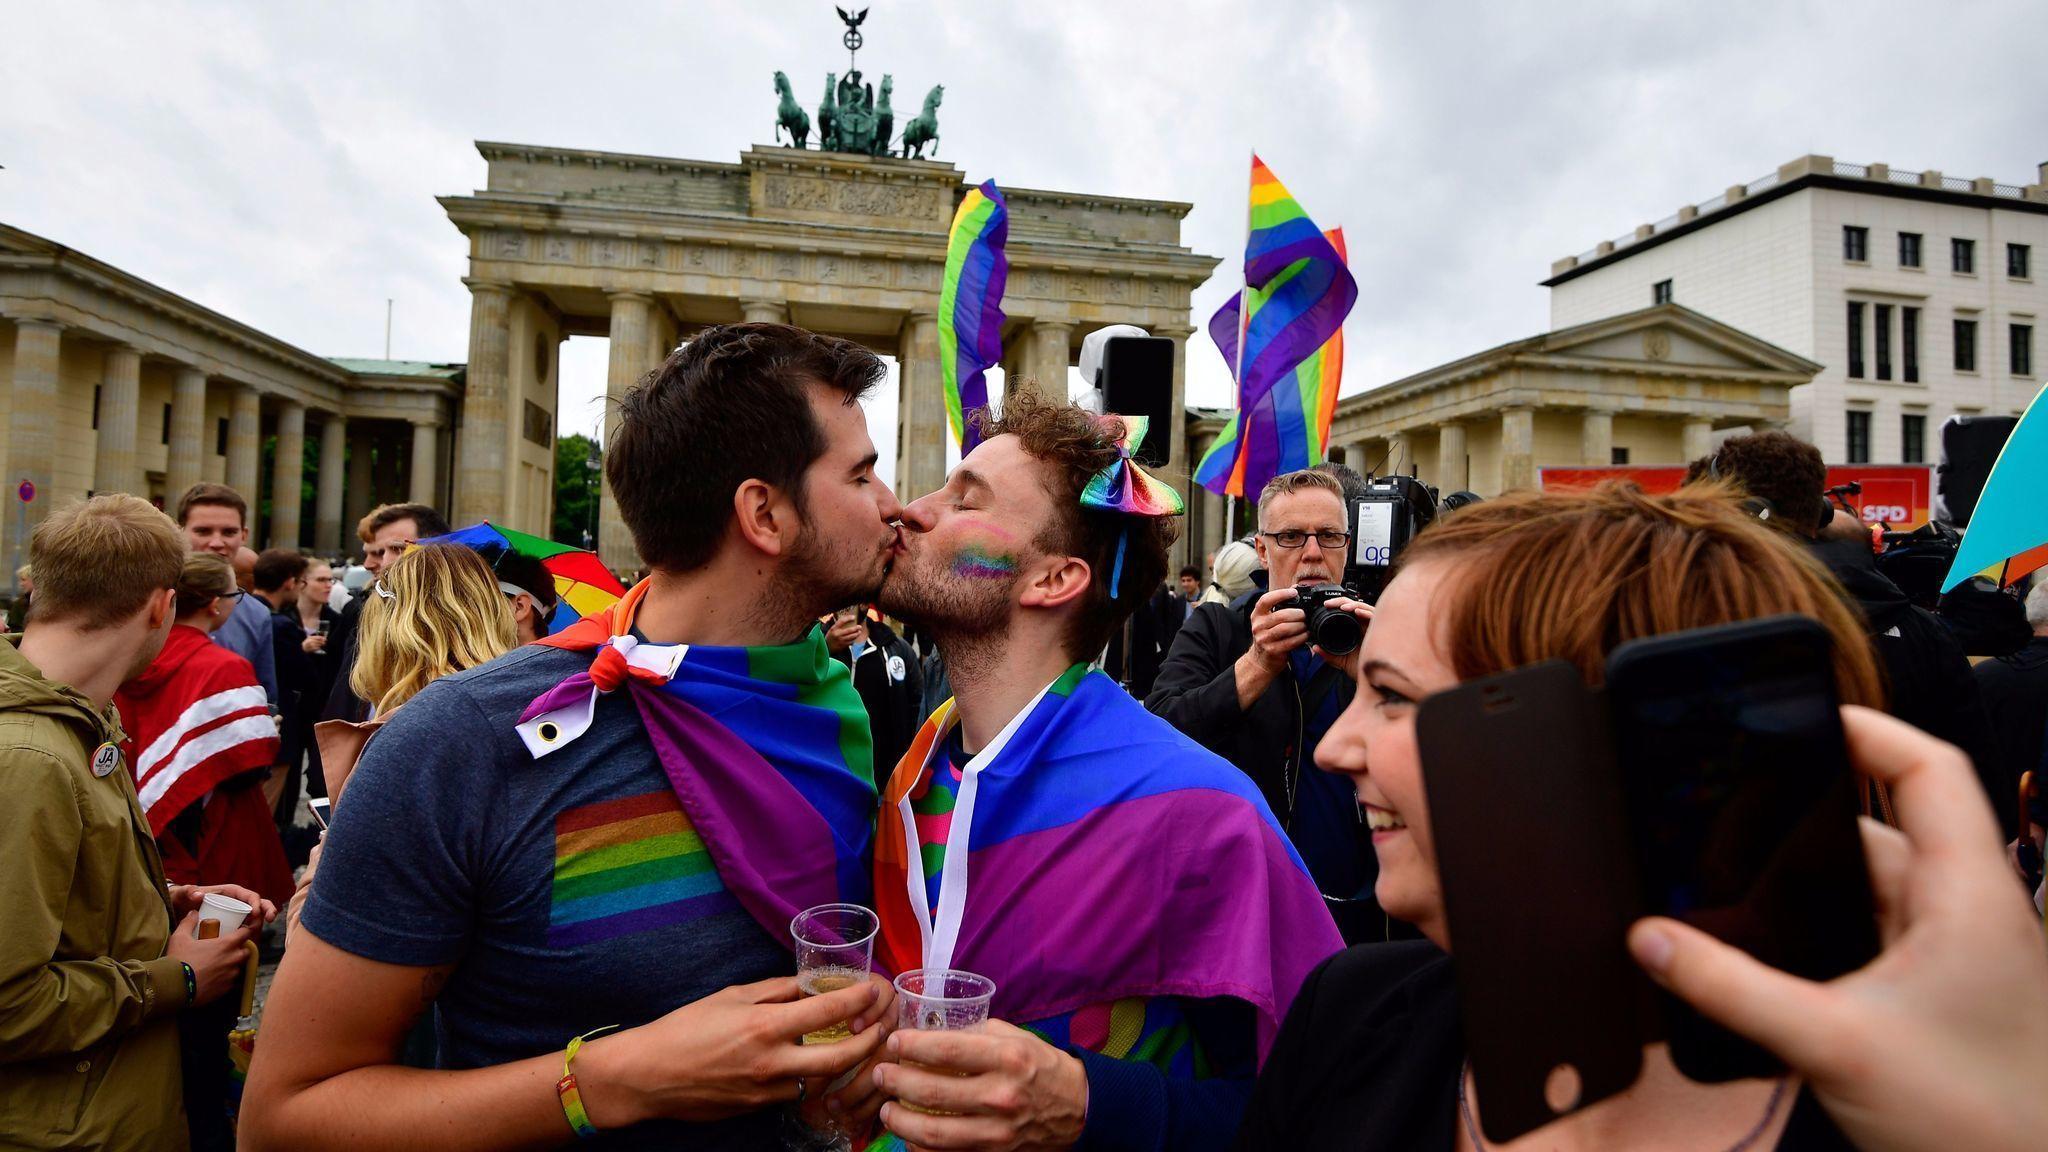 German parliament legalizes same-sex marriage unions 30.06.2017 8